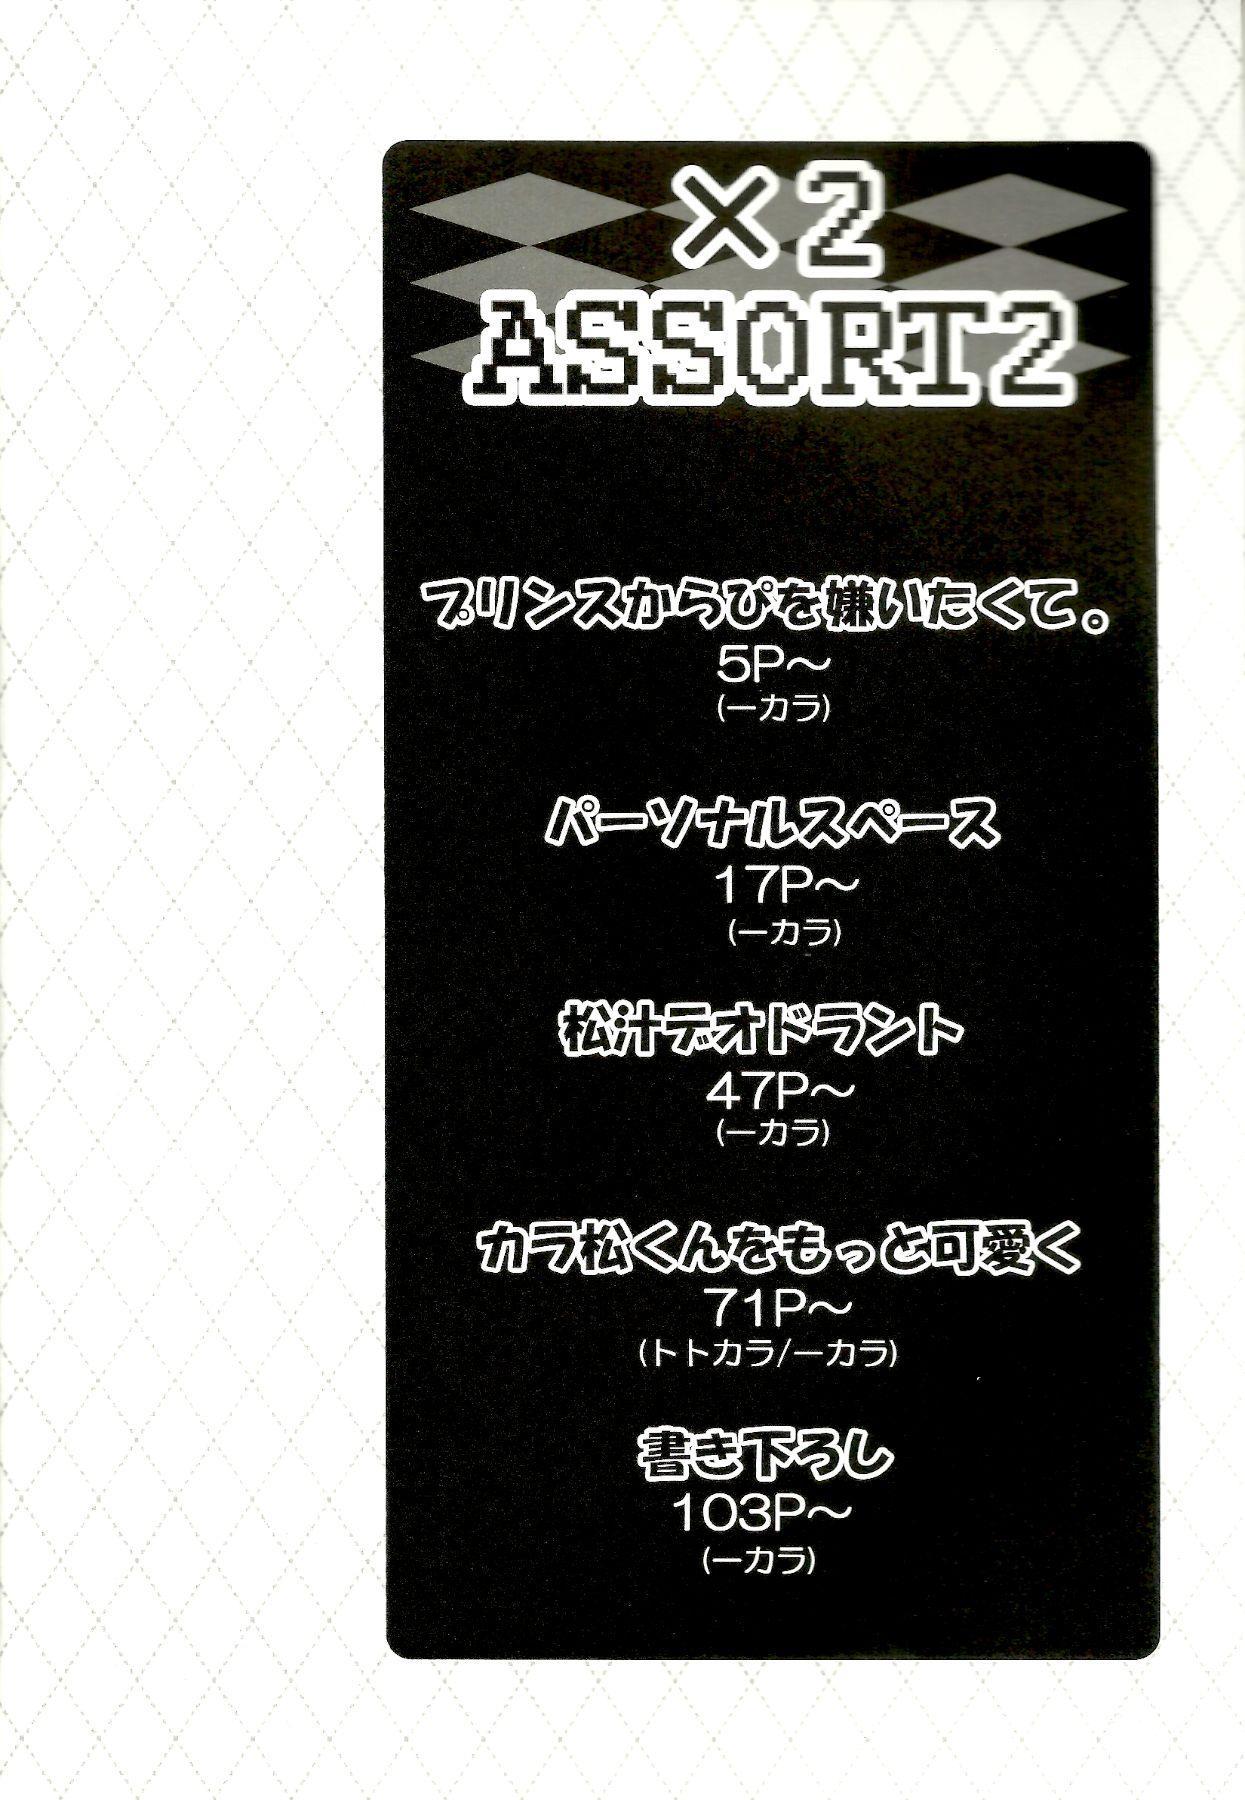 x2 ASSORT2 2